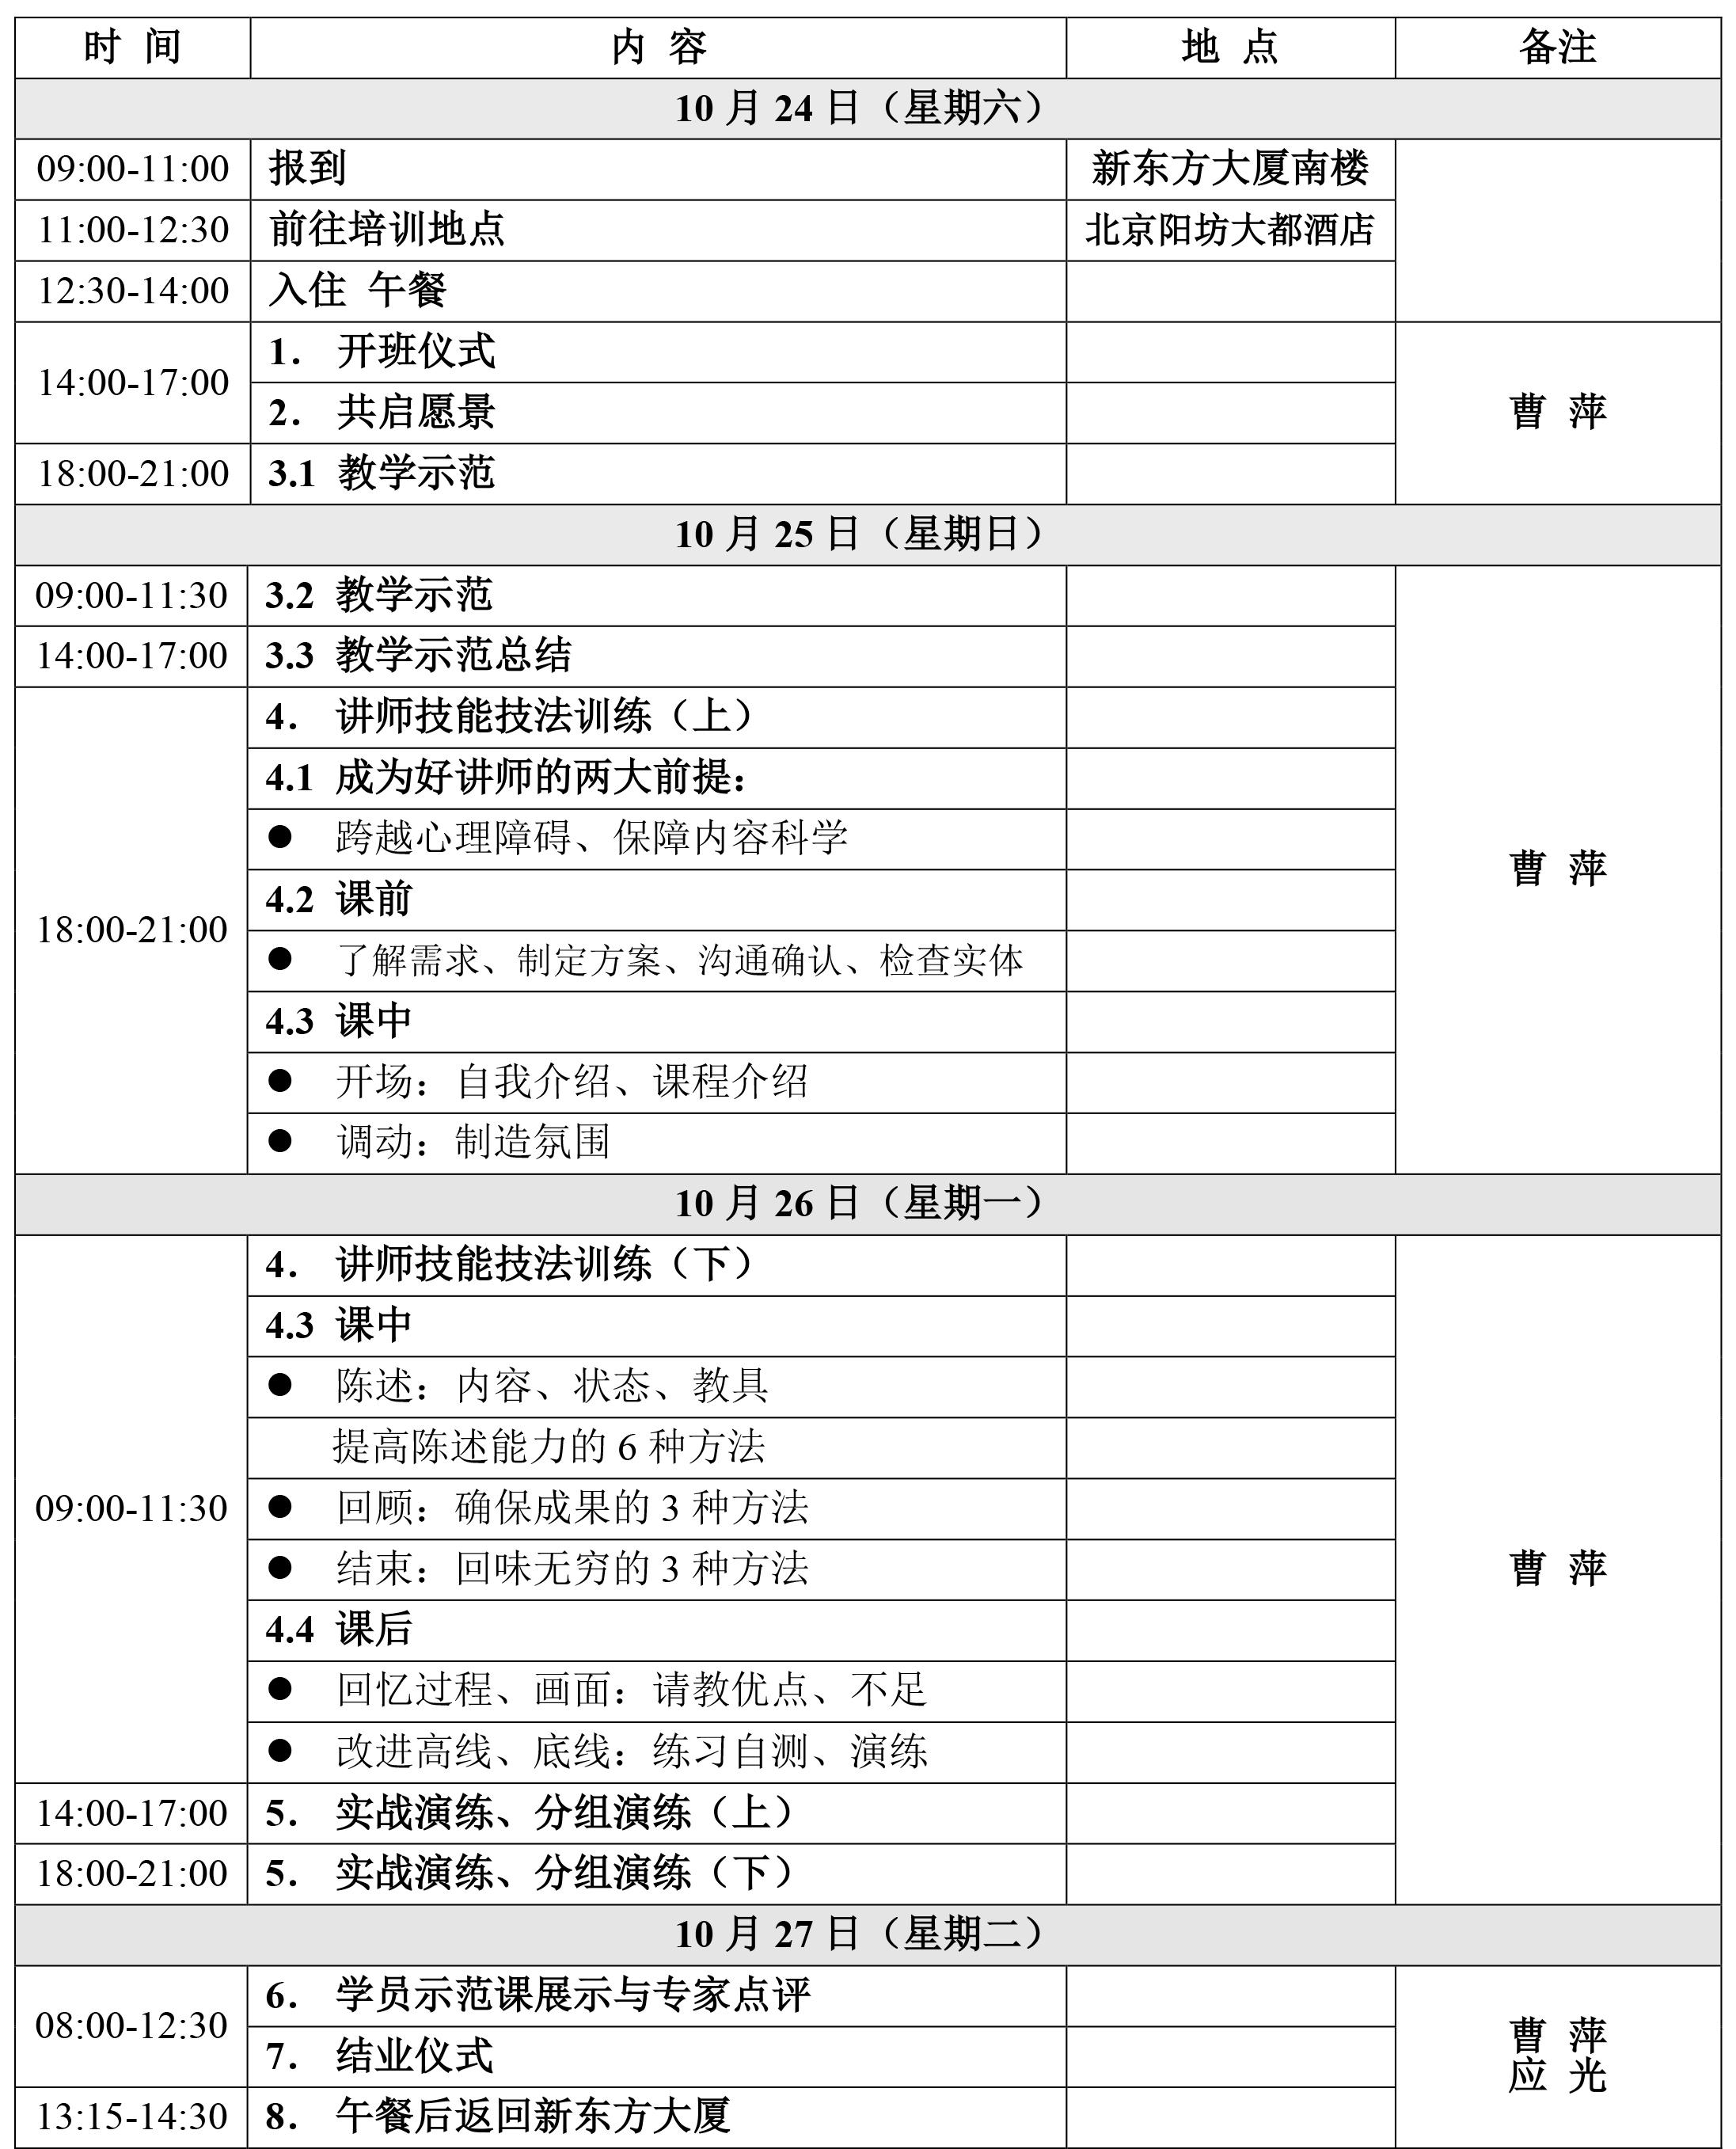 附件1:新東方第7期家庭教育指導師再成長(講師)培訓議程(10.24-10.27).jpg